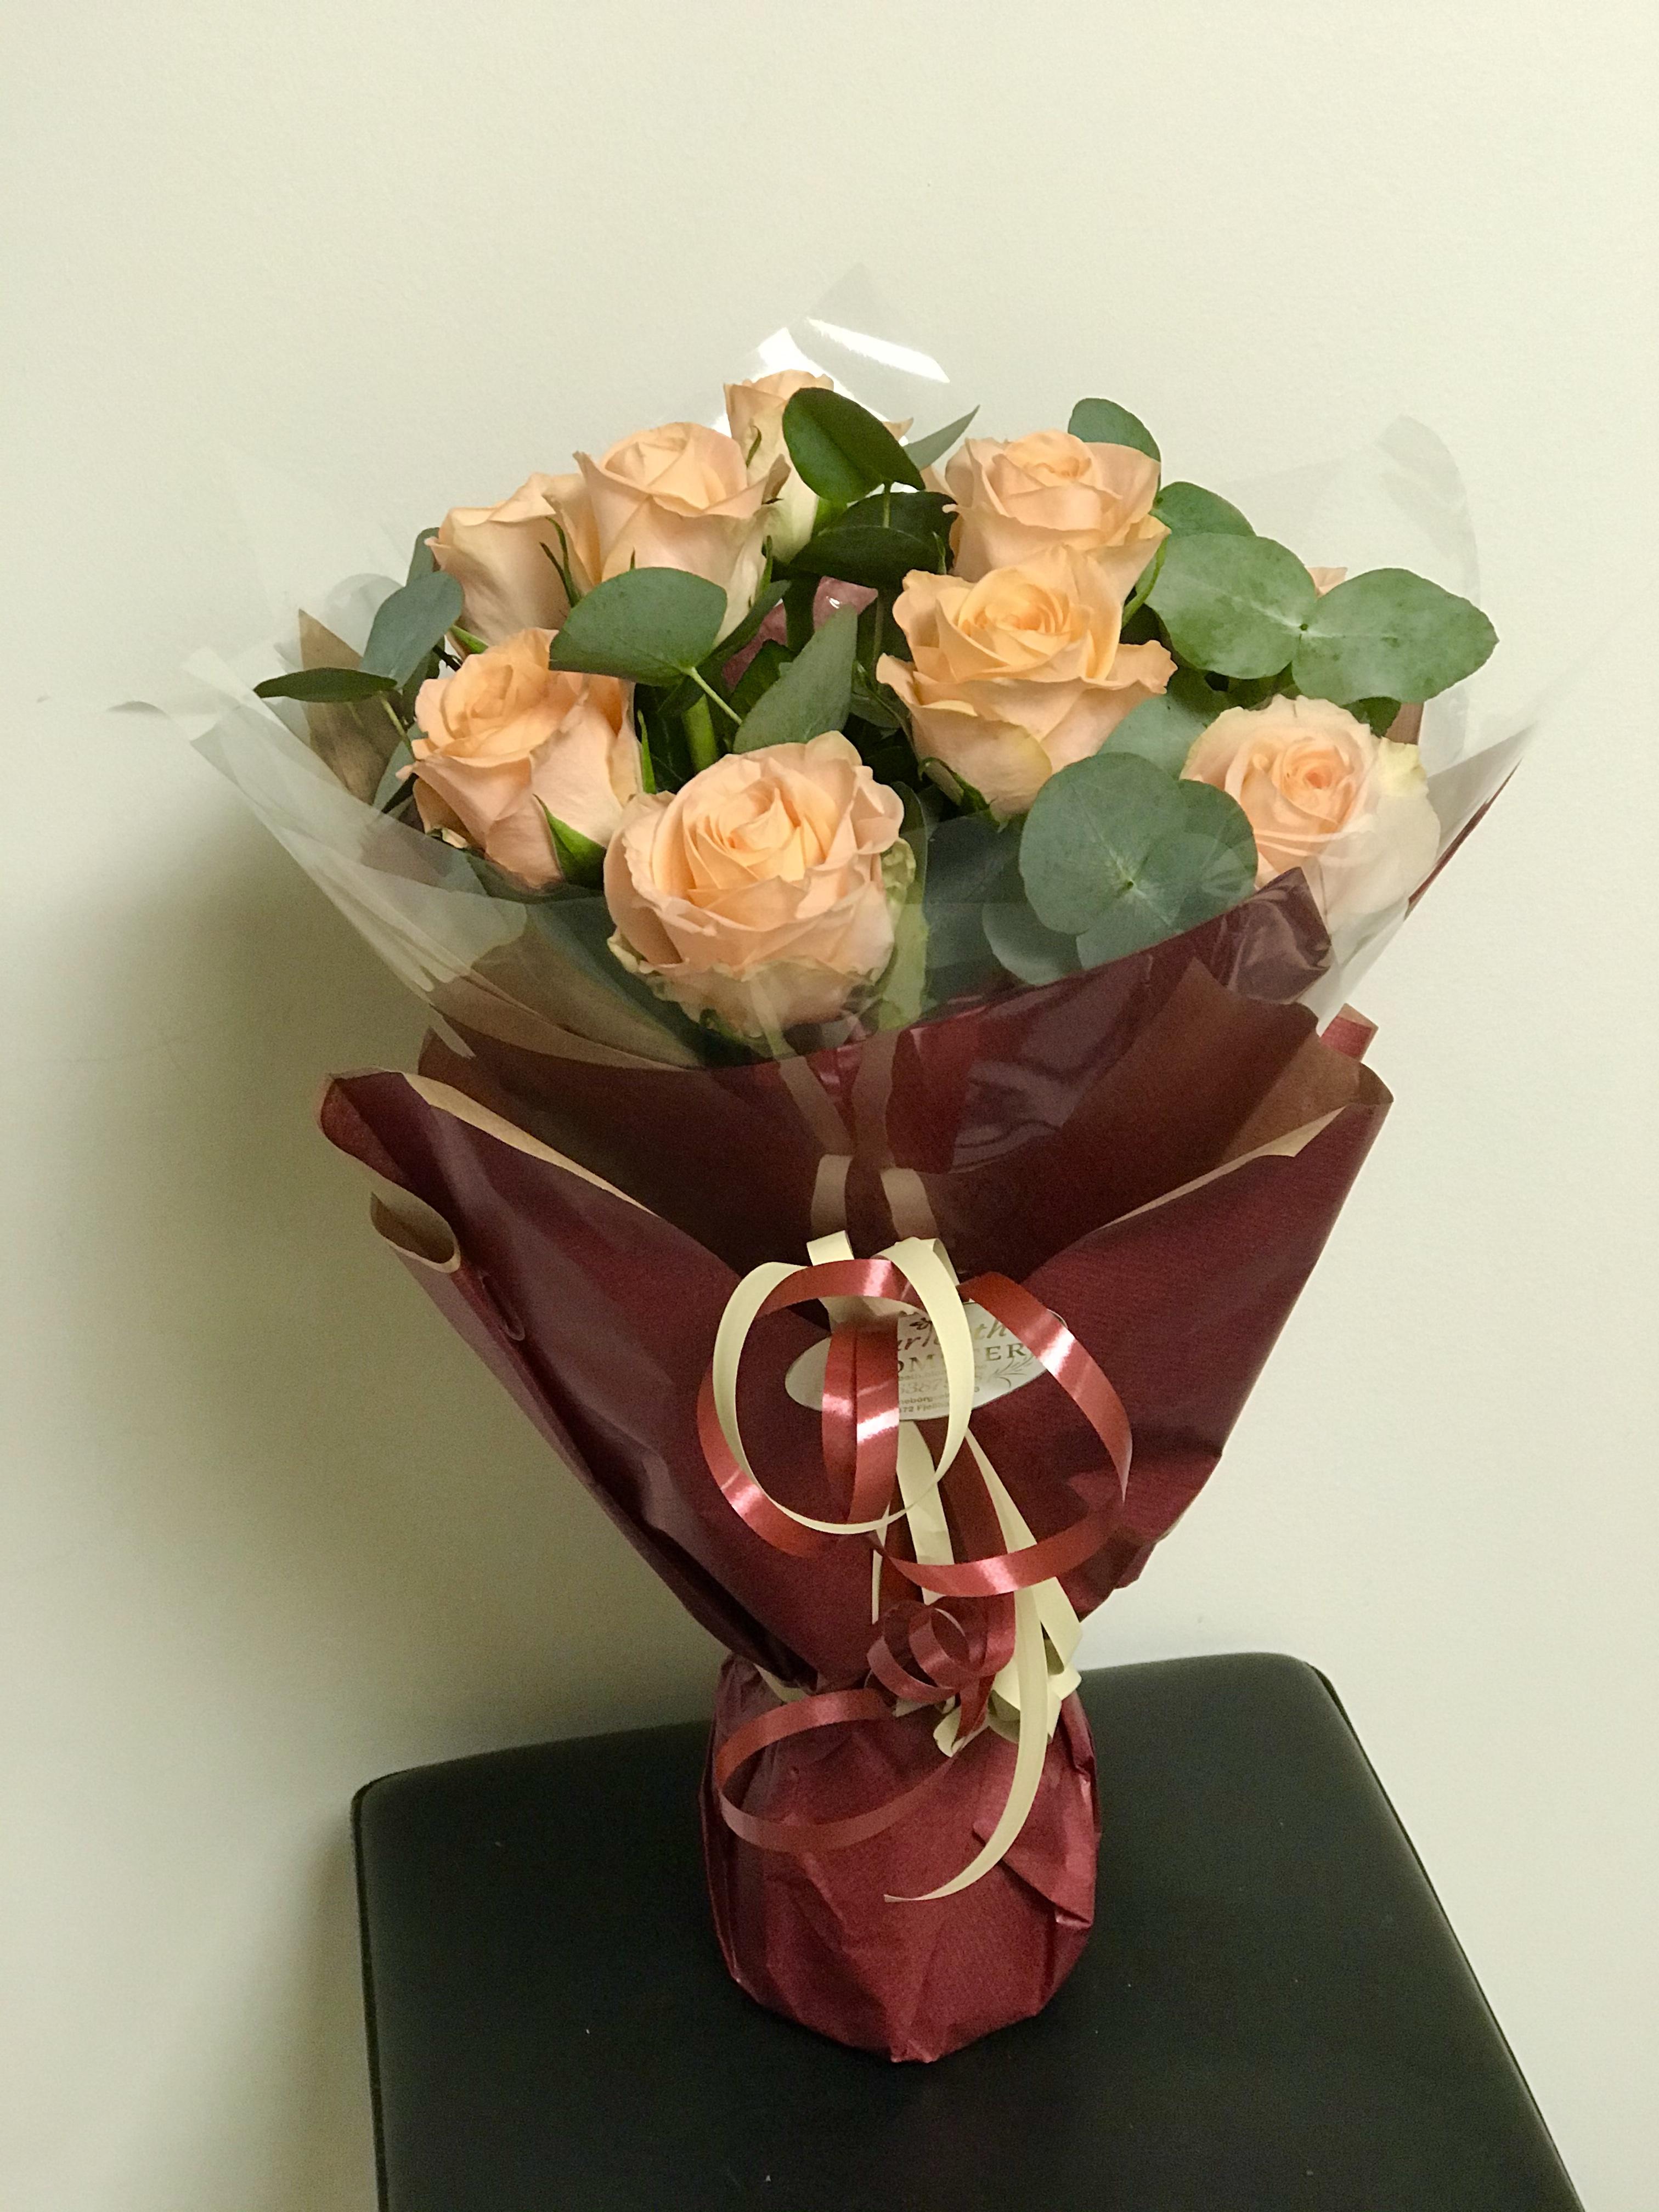 Roser i fersken med eukalyptus